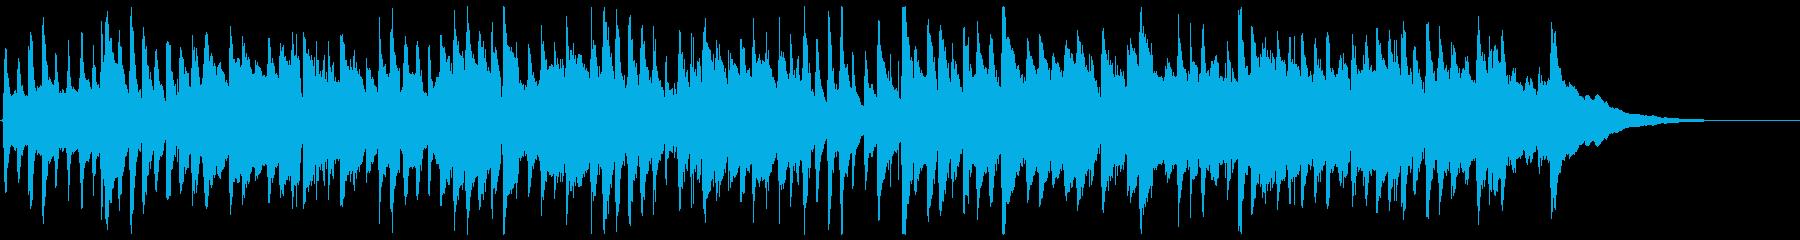 生演奏癒しのアコースティックギター曲の再生済みの波形